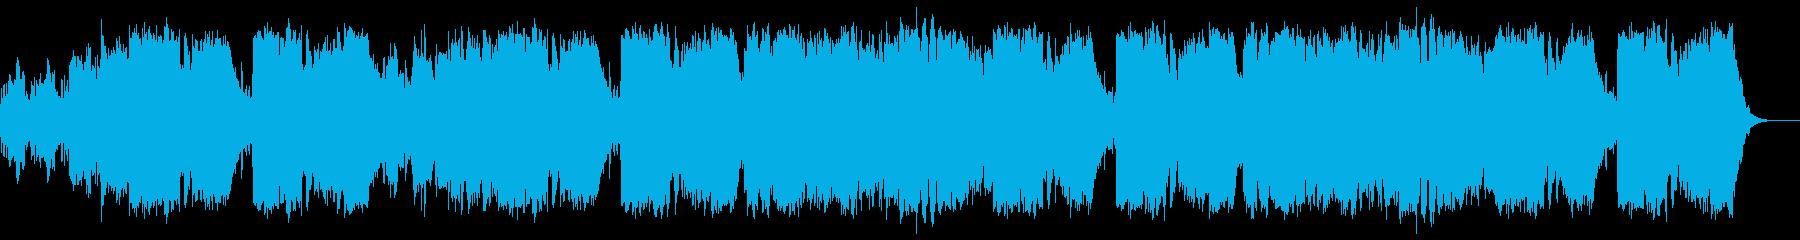 メンデルスゾーン結婚行進曲パイプオルガンの再生済みの波形